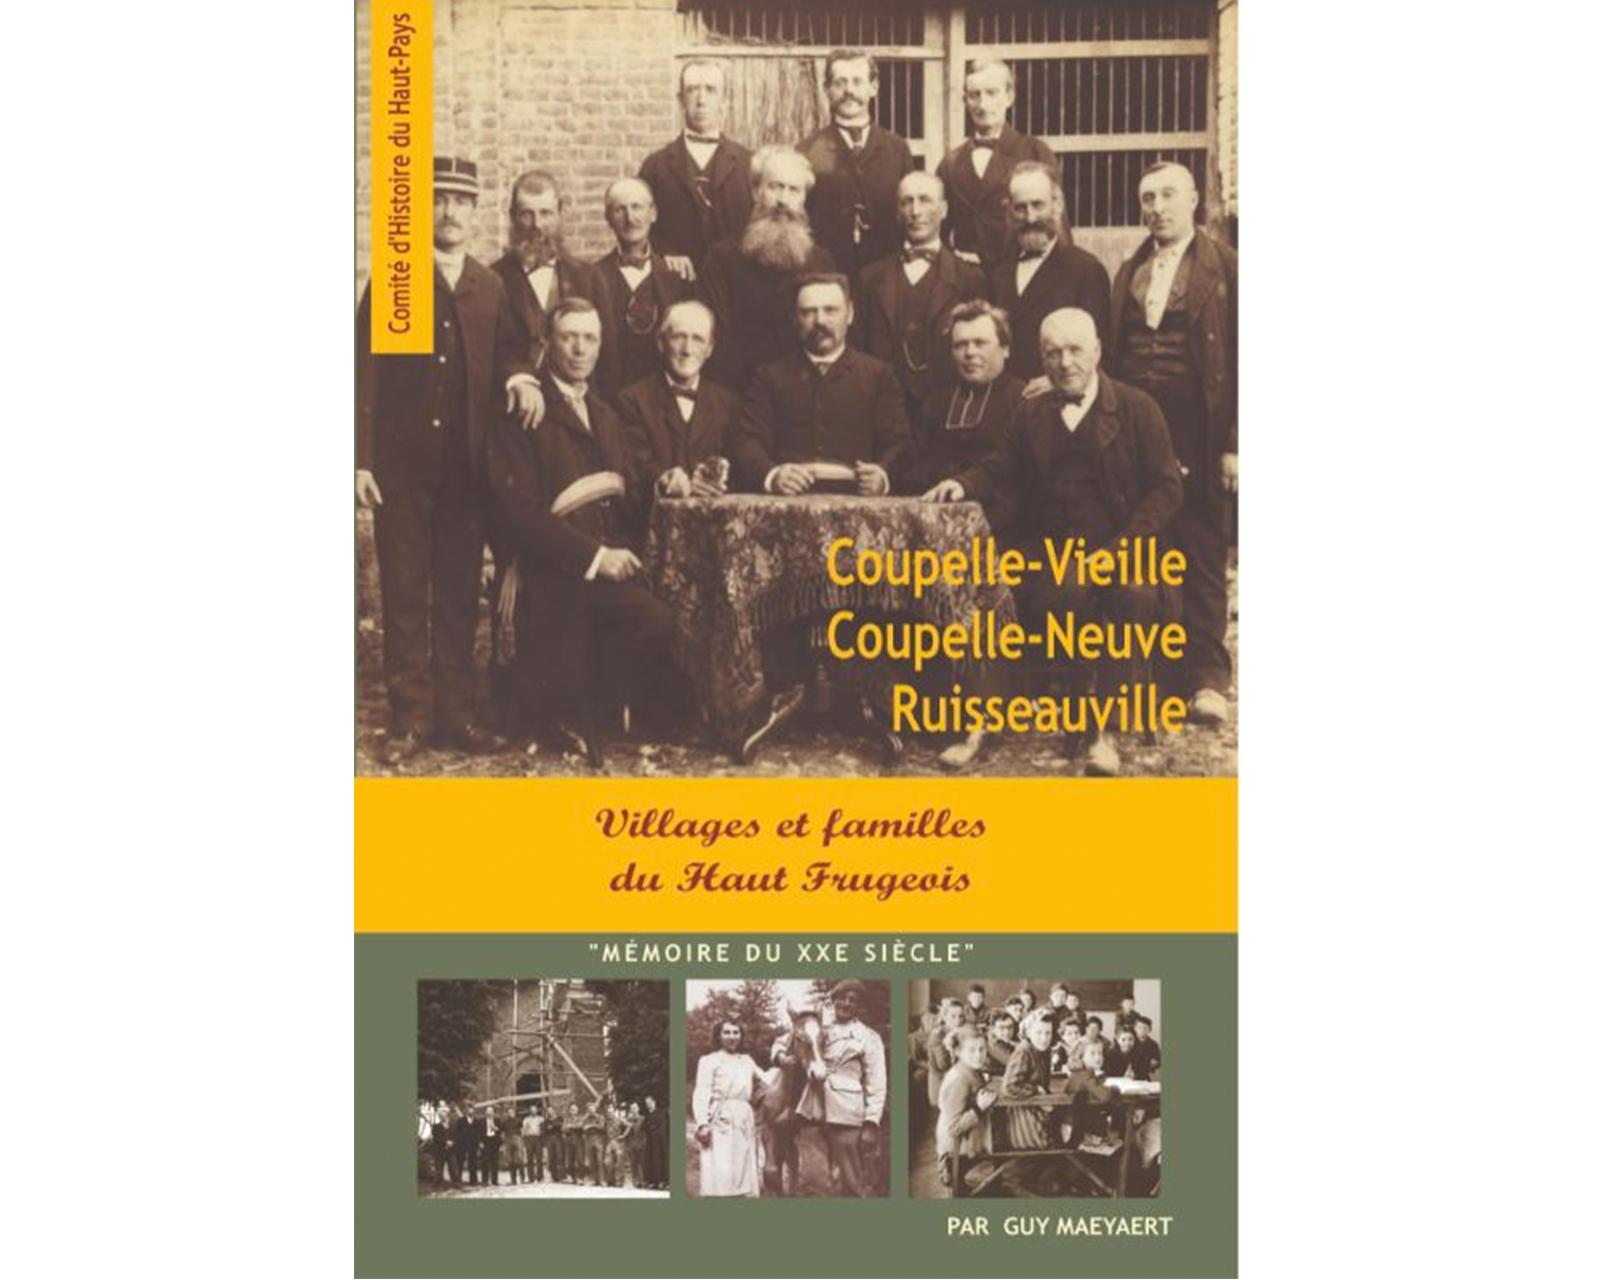 Coupelle-Neuve, Coupelle-Vieille, et Ruisseauville